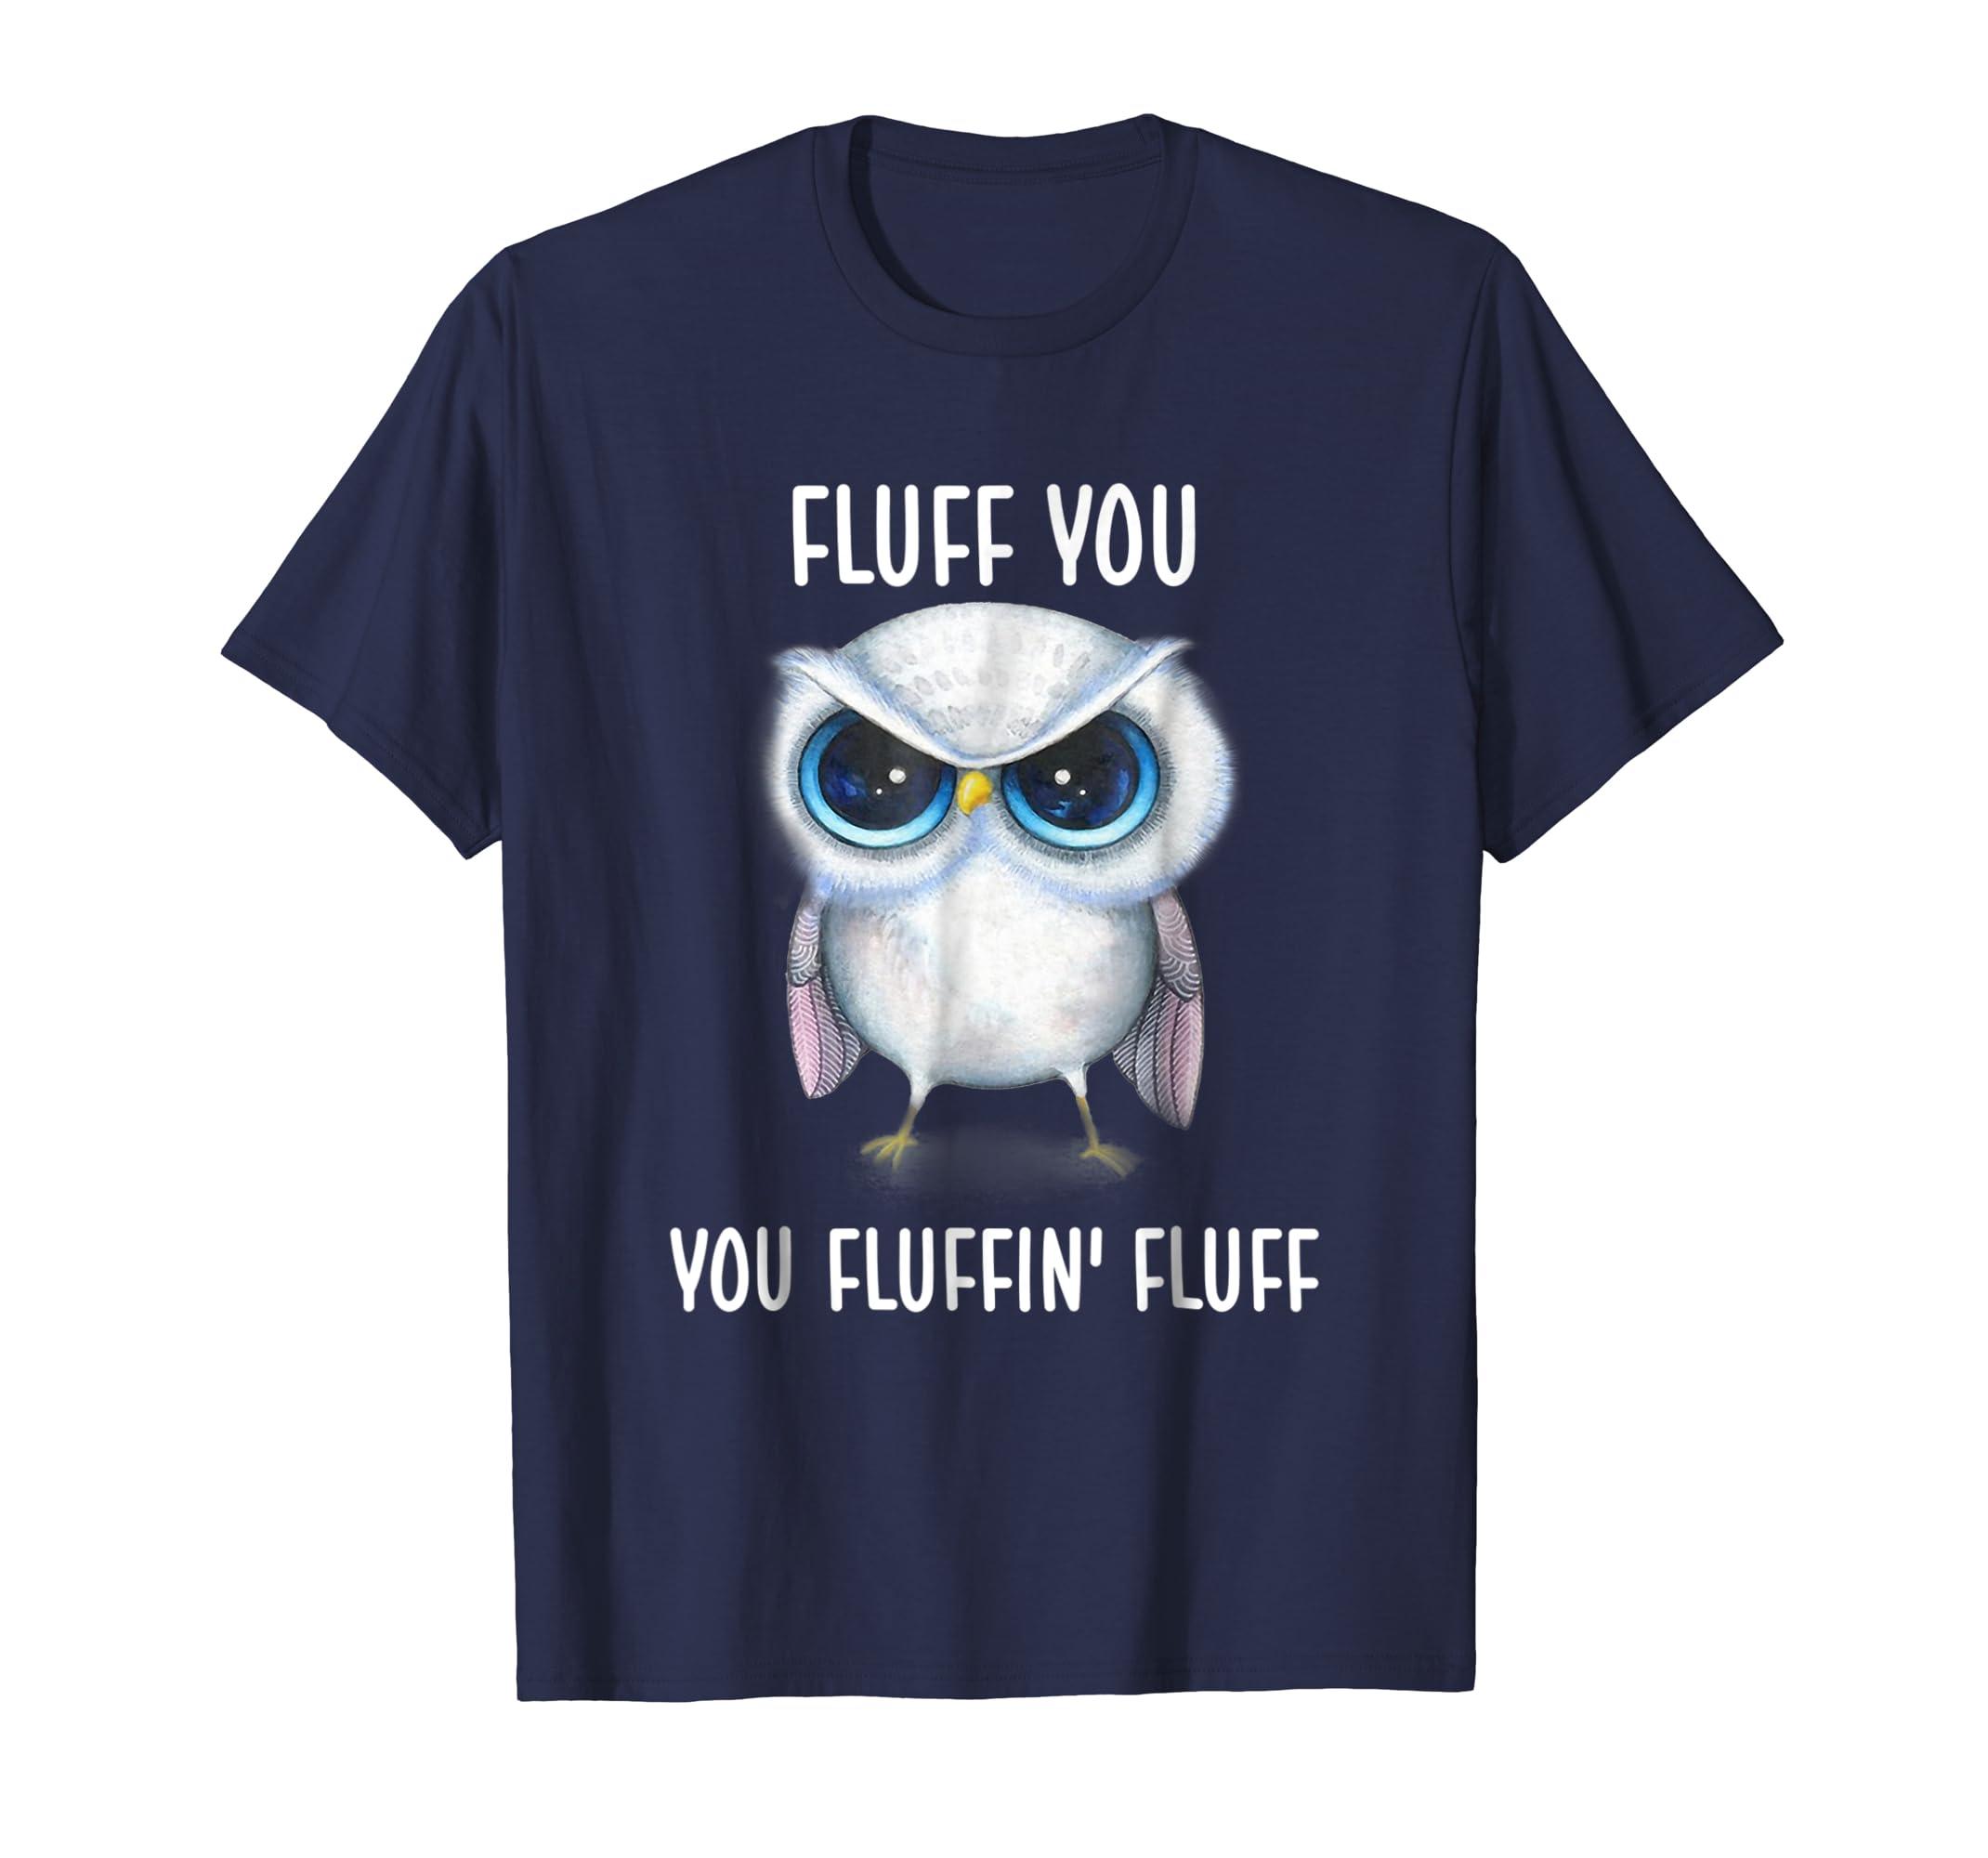 Owl Fluff You Owl Shirt For Women Girls-mt